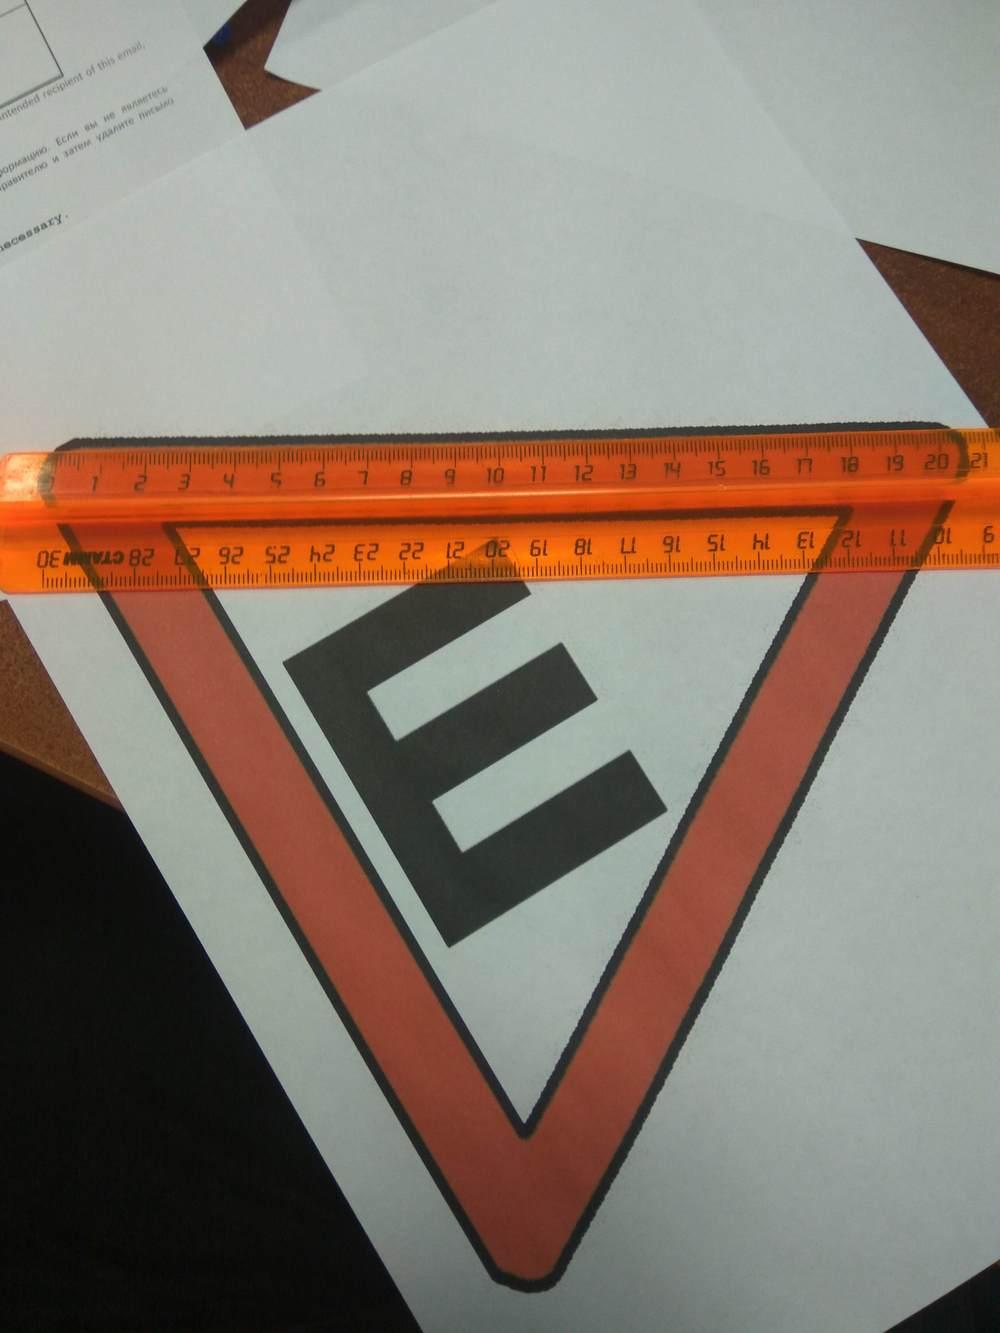 скачать знак шипы для печати